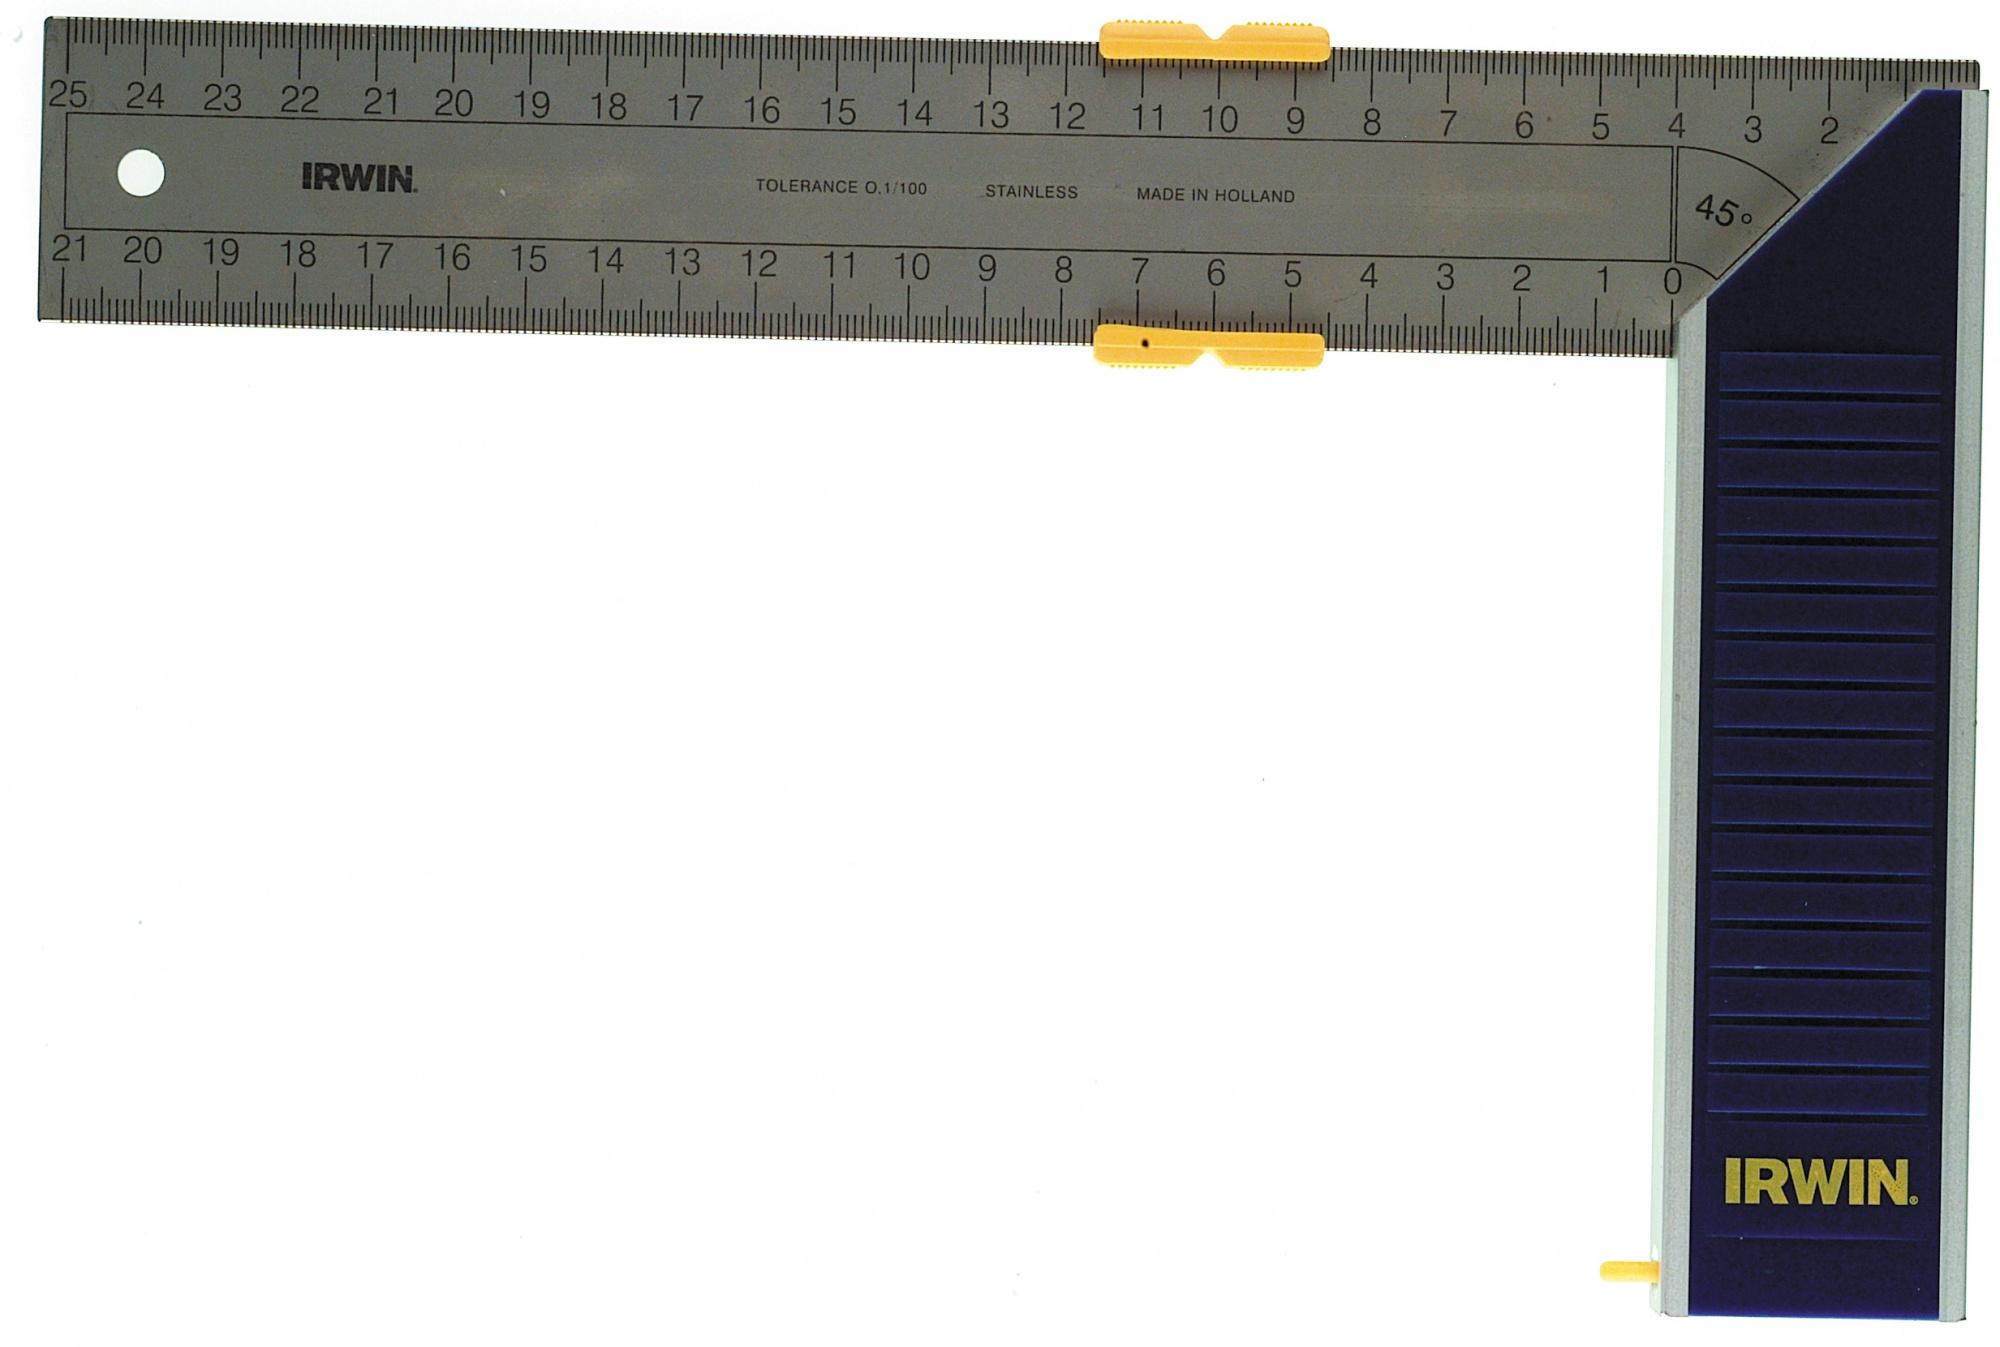 Irwin 350 мм (10503545) - угольник с бегунком